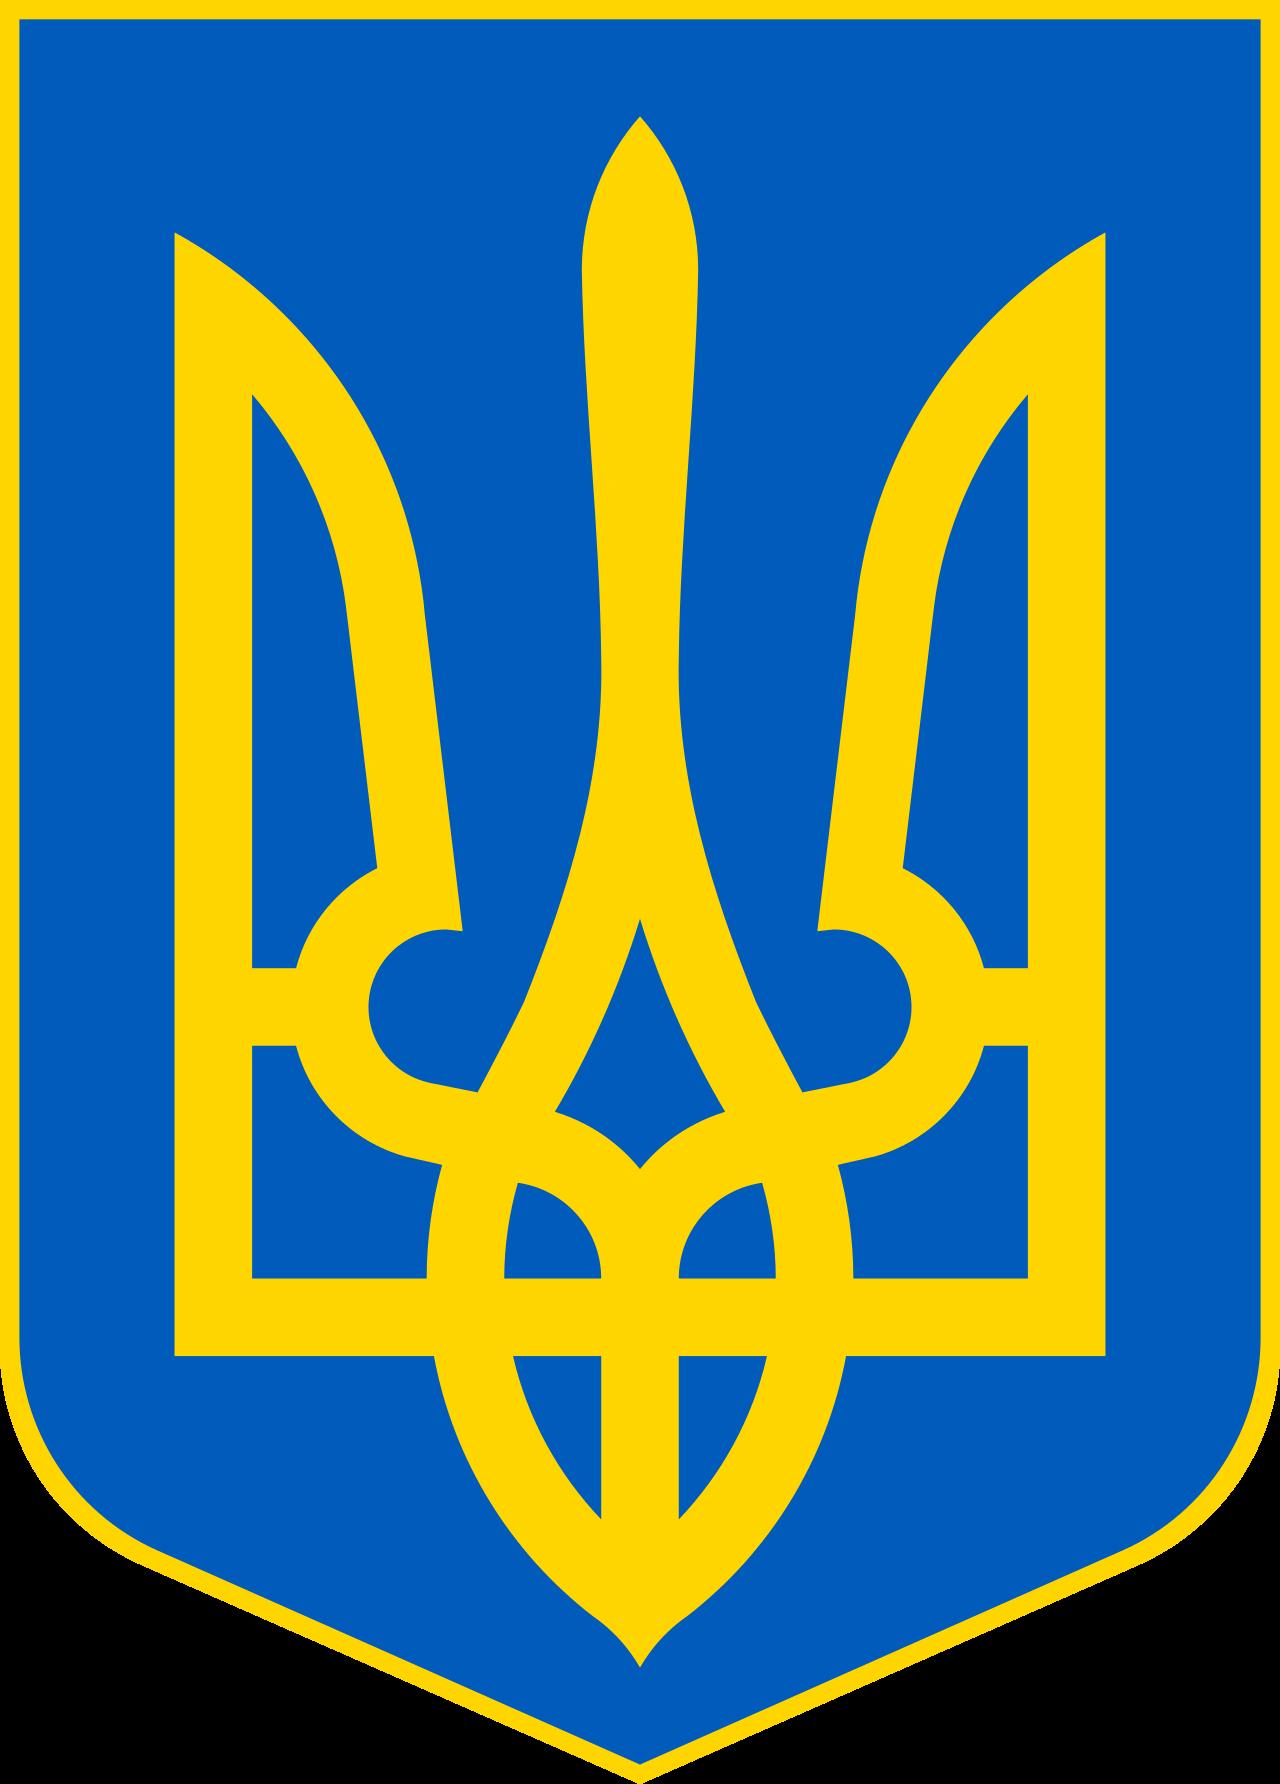 Ucrania Wikipedia La Enciclopedia Libre Bandera De Ucrania